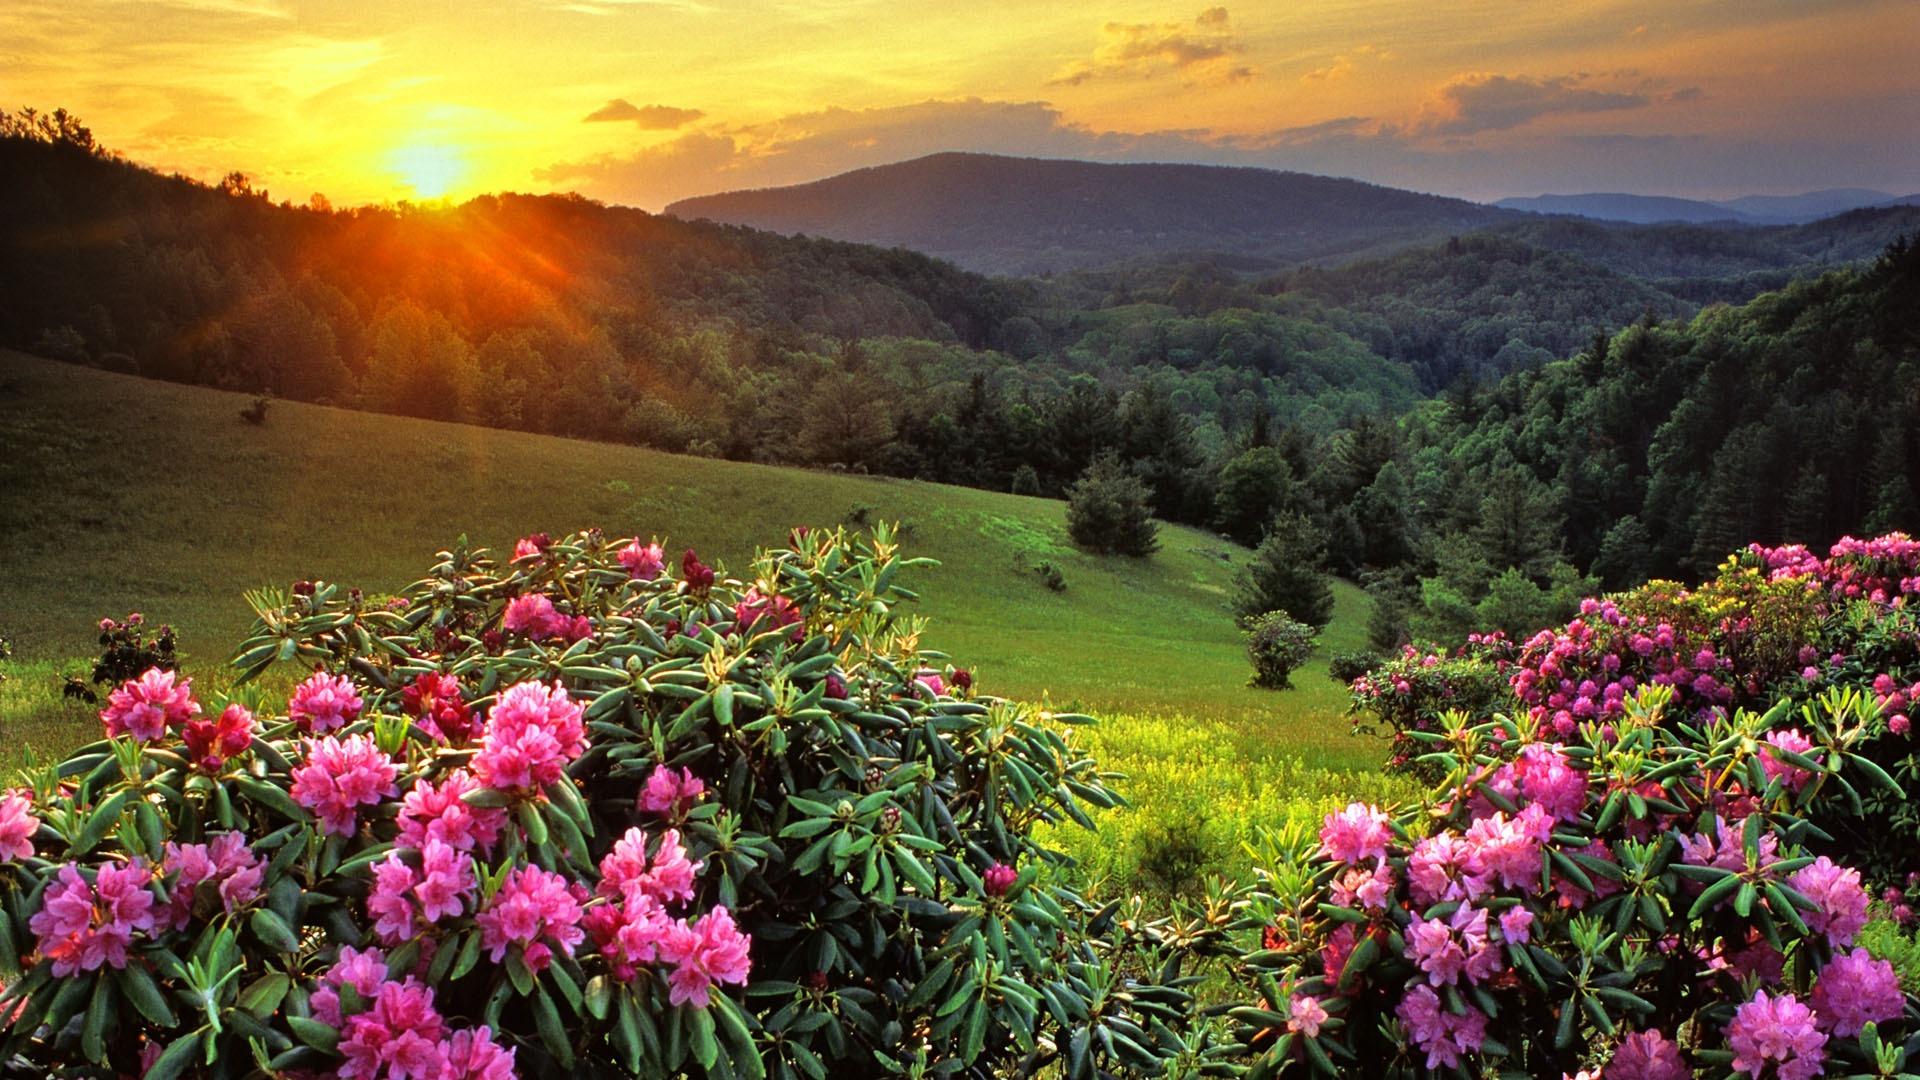 amazing scenery pictures 18779